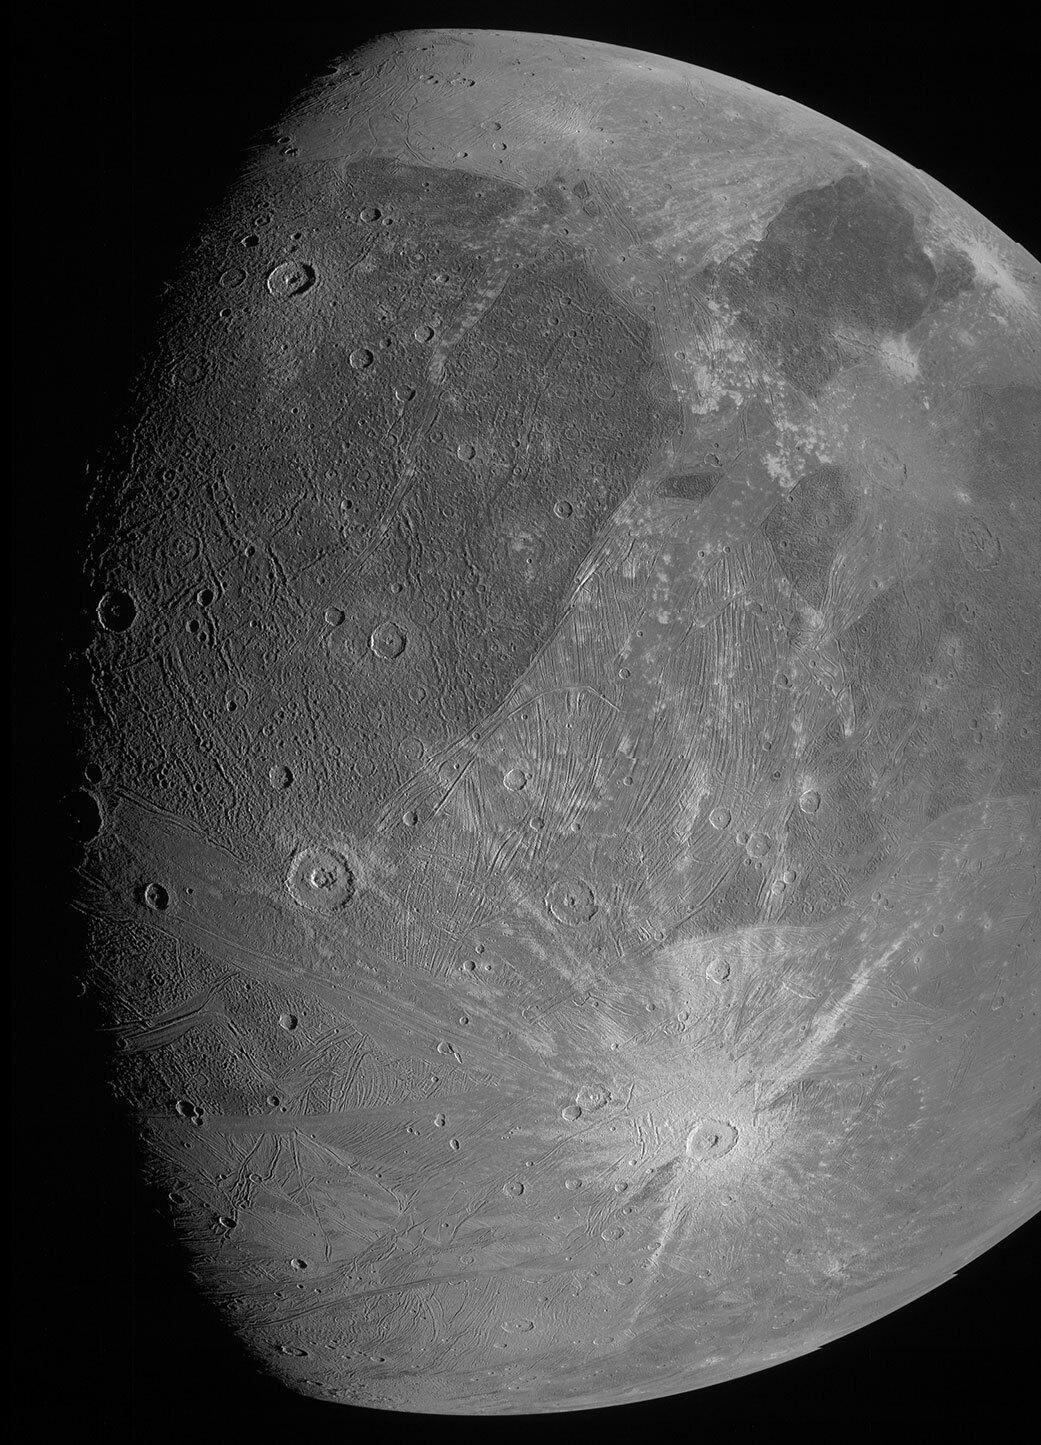 La superficie de Ganimedes con más detalle, como los saludos de Juno.